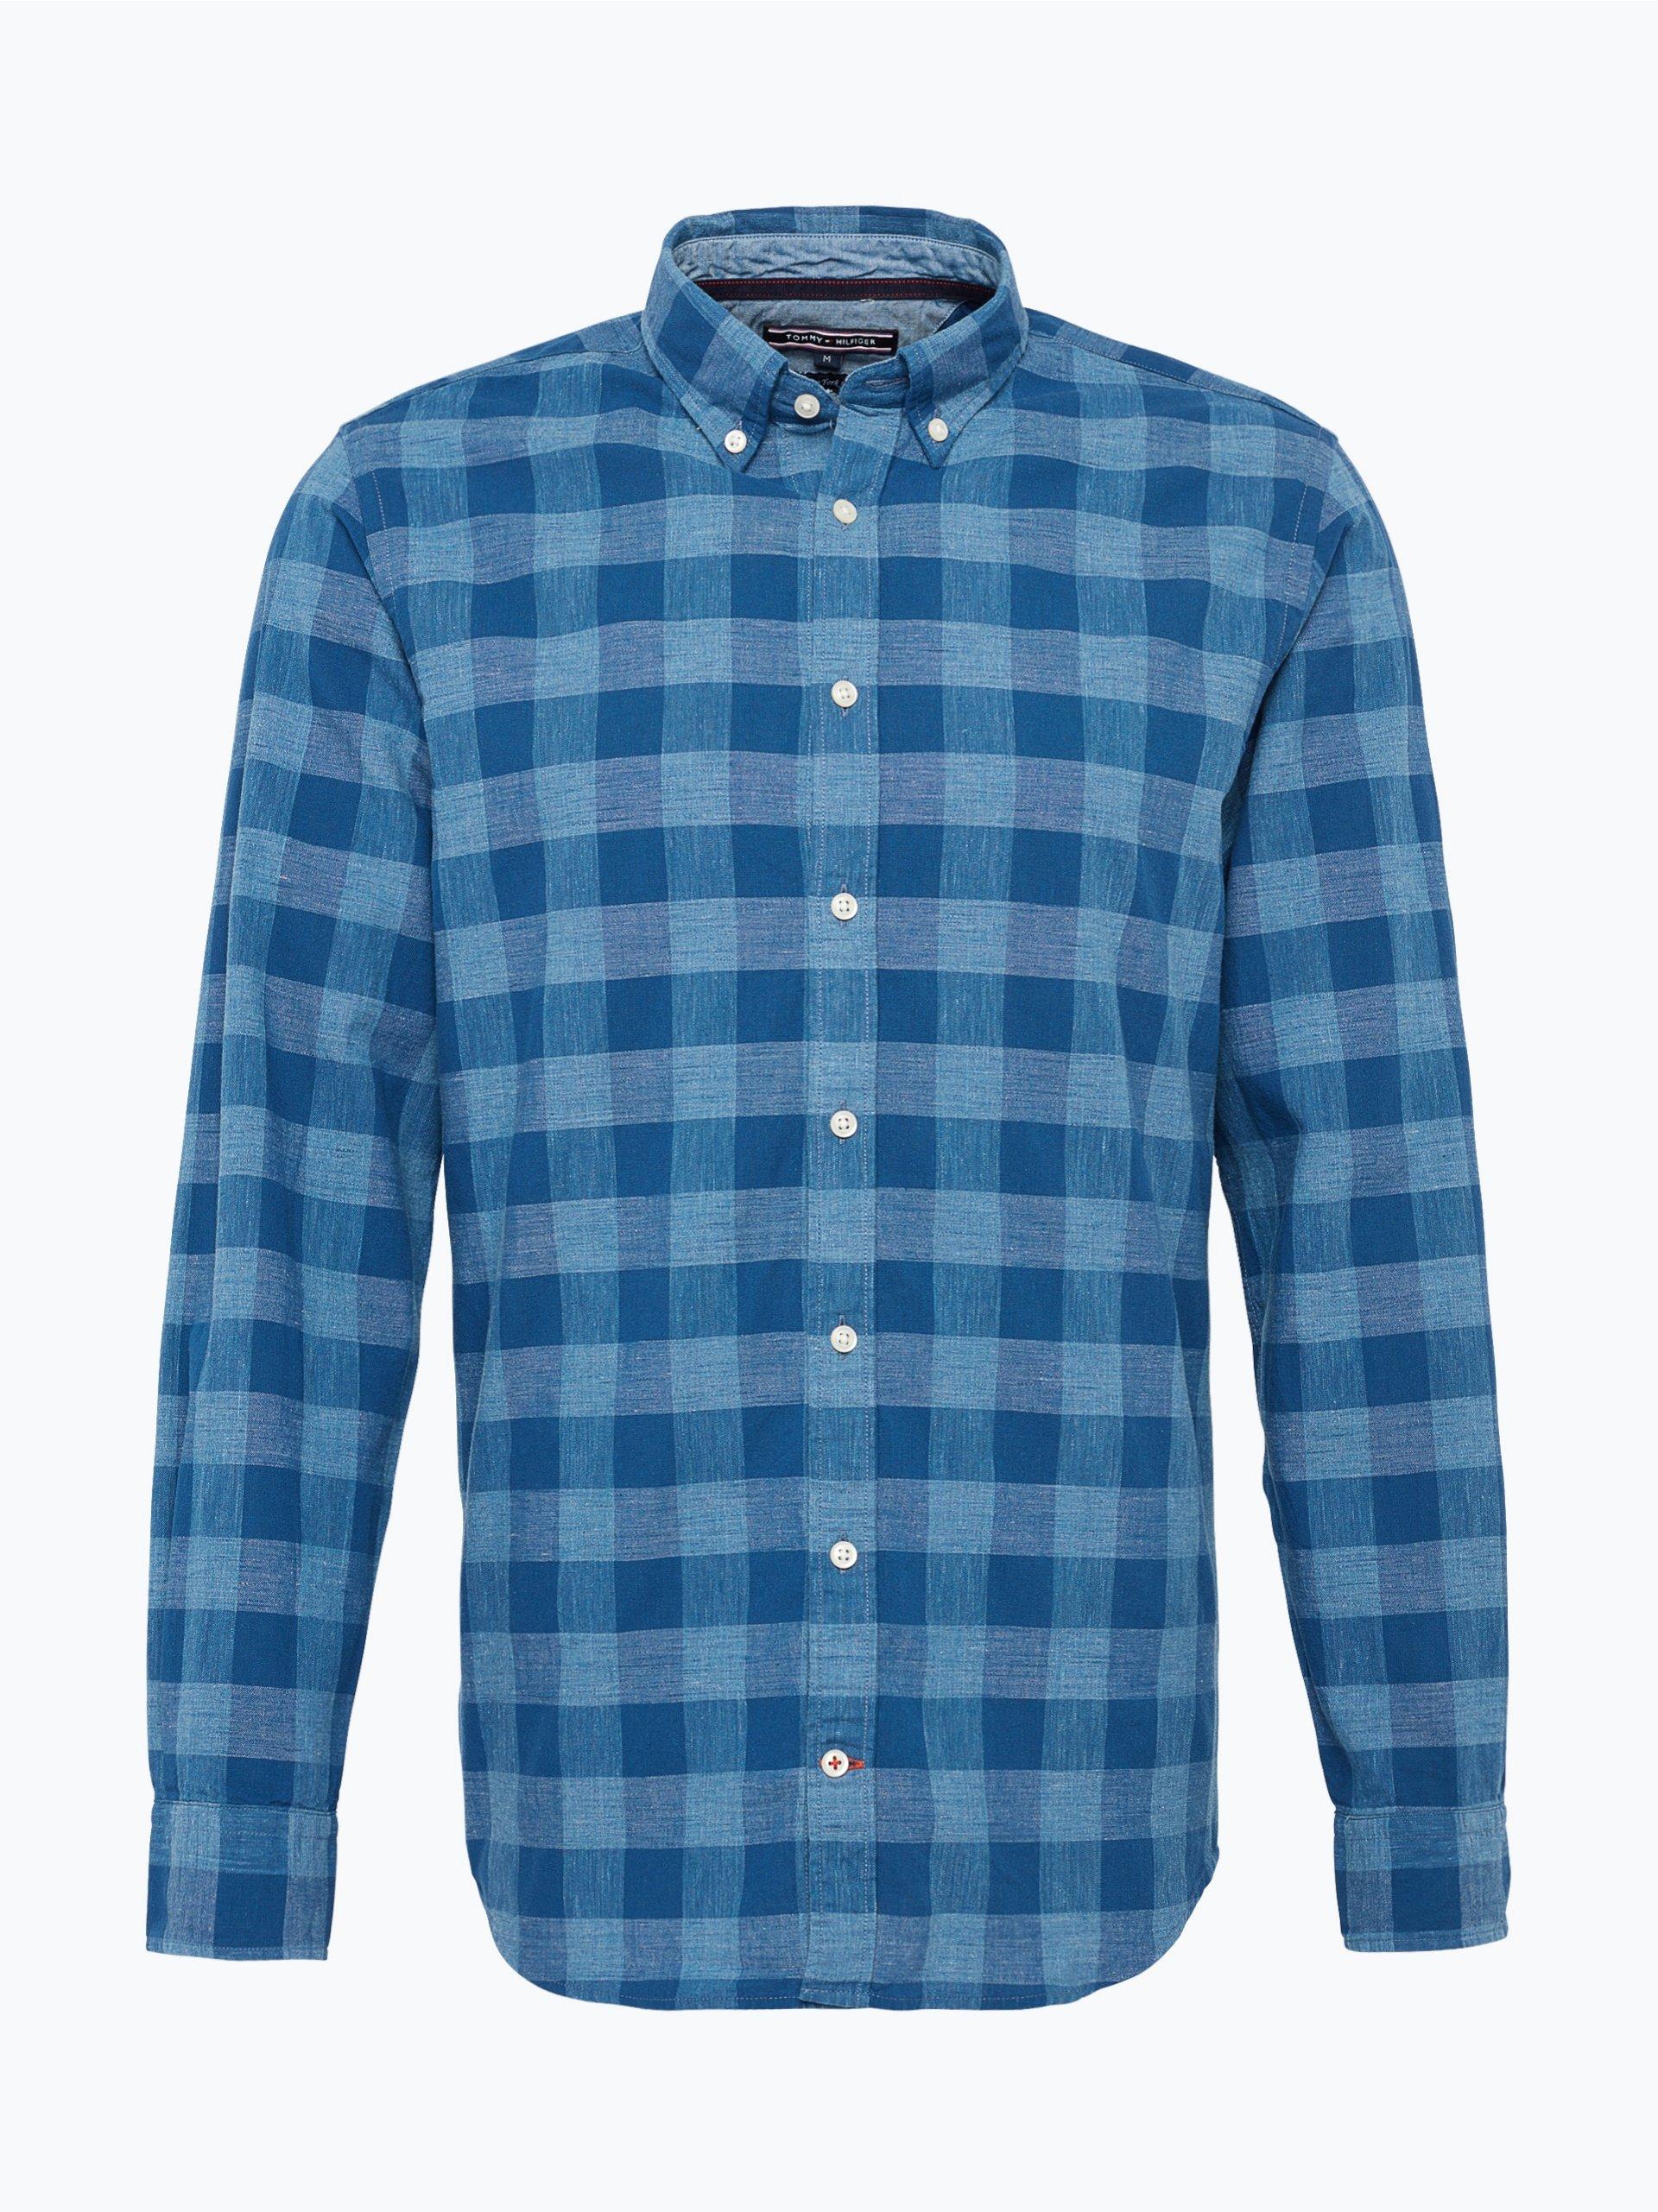 Tommy Hilfiger Herren Hemd Bügelfrei